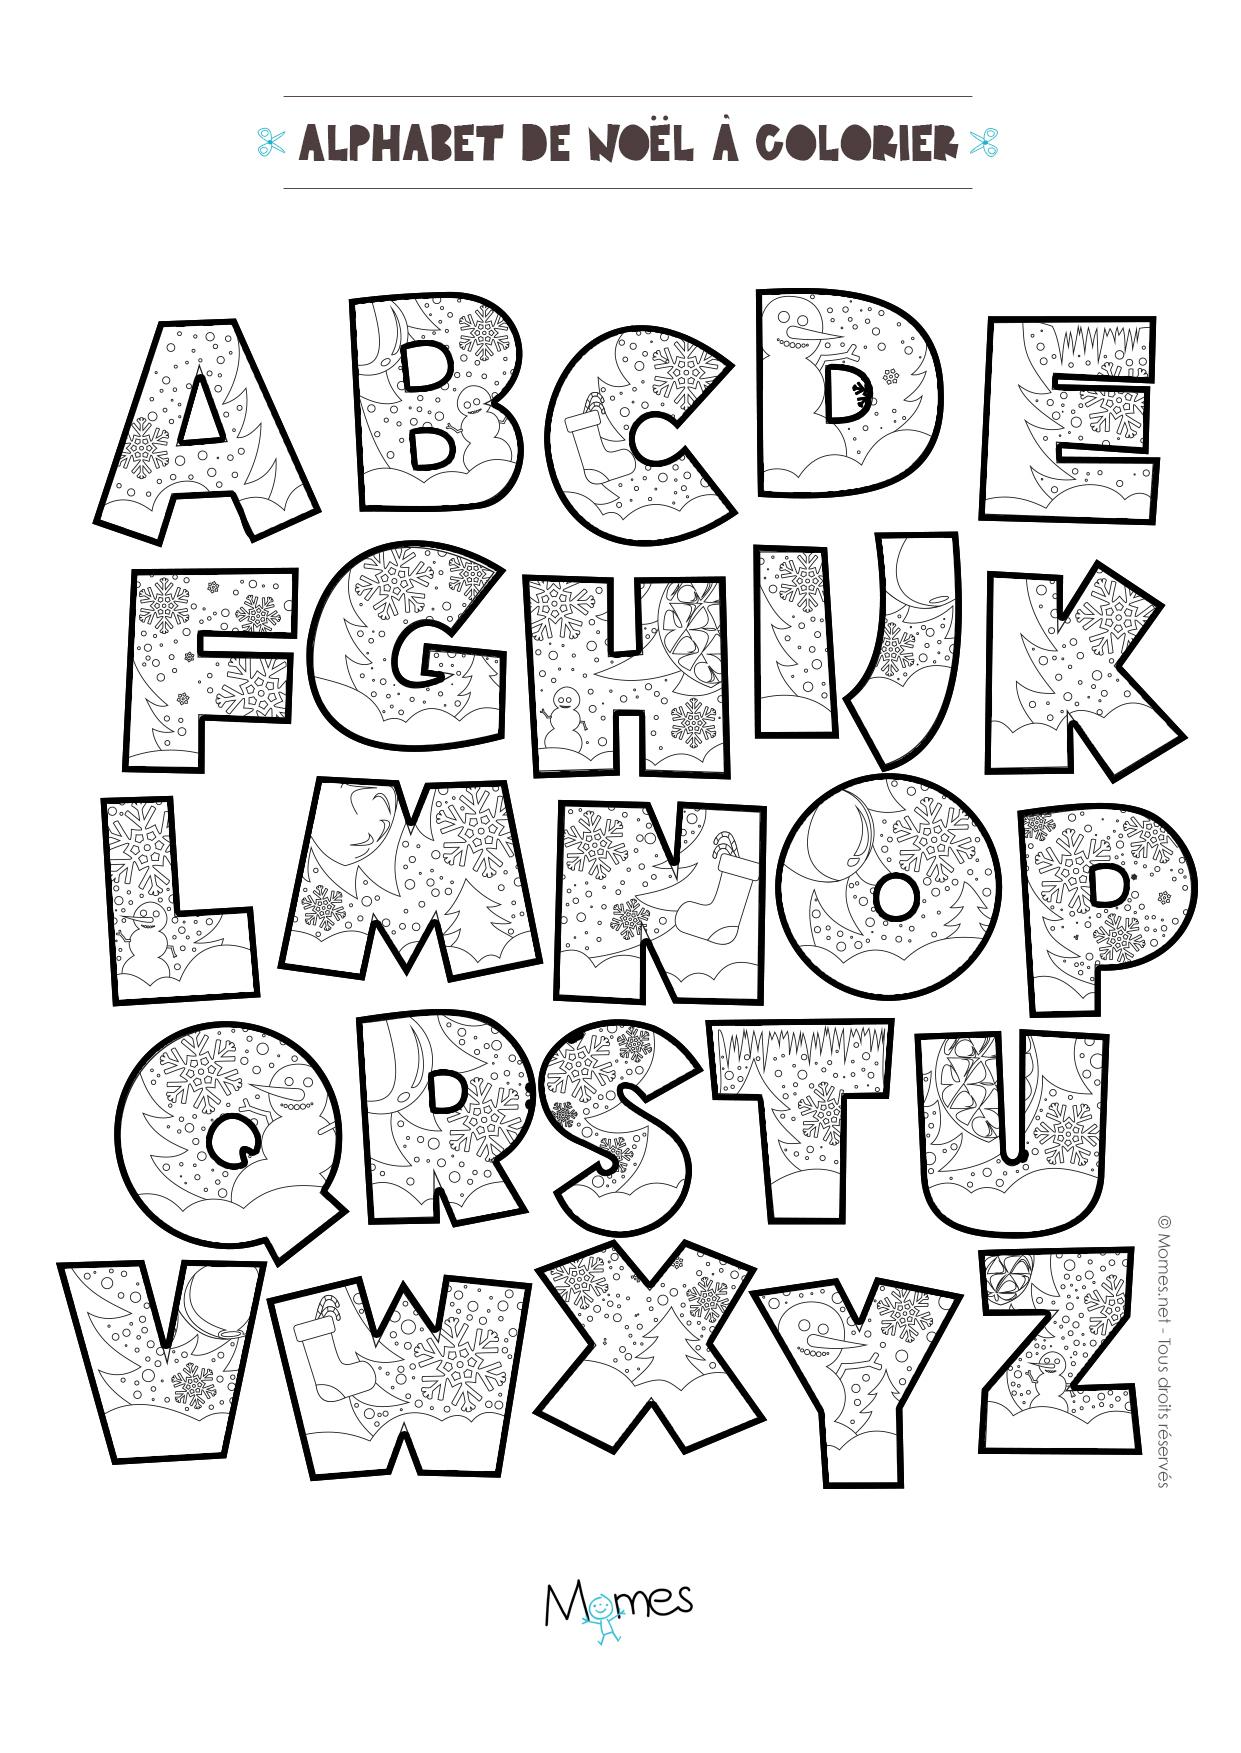 Coloriage Alphabet De Noël À Imprimer - Momes tout Coloriage Pour 3 Ans À Imprimer